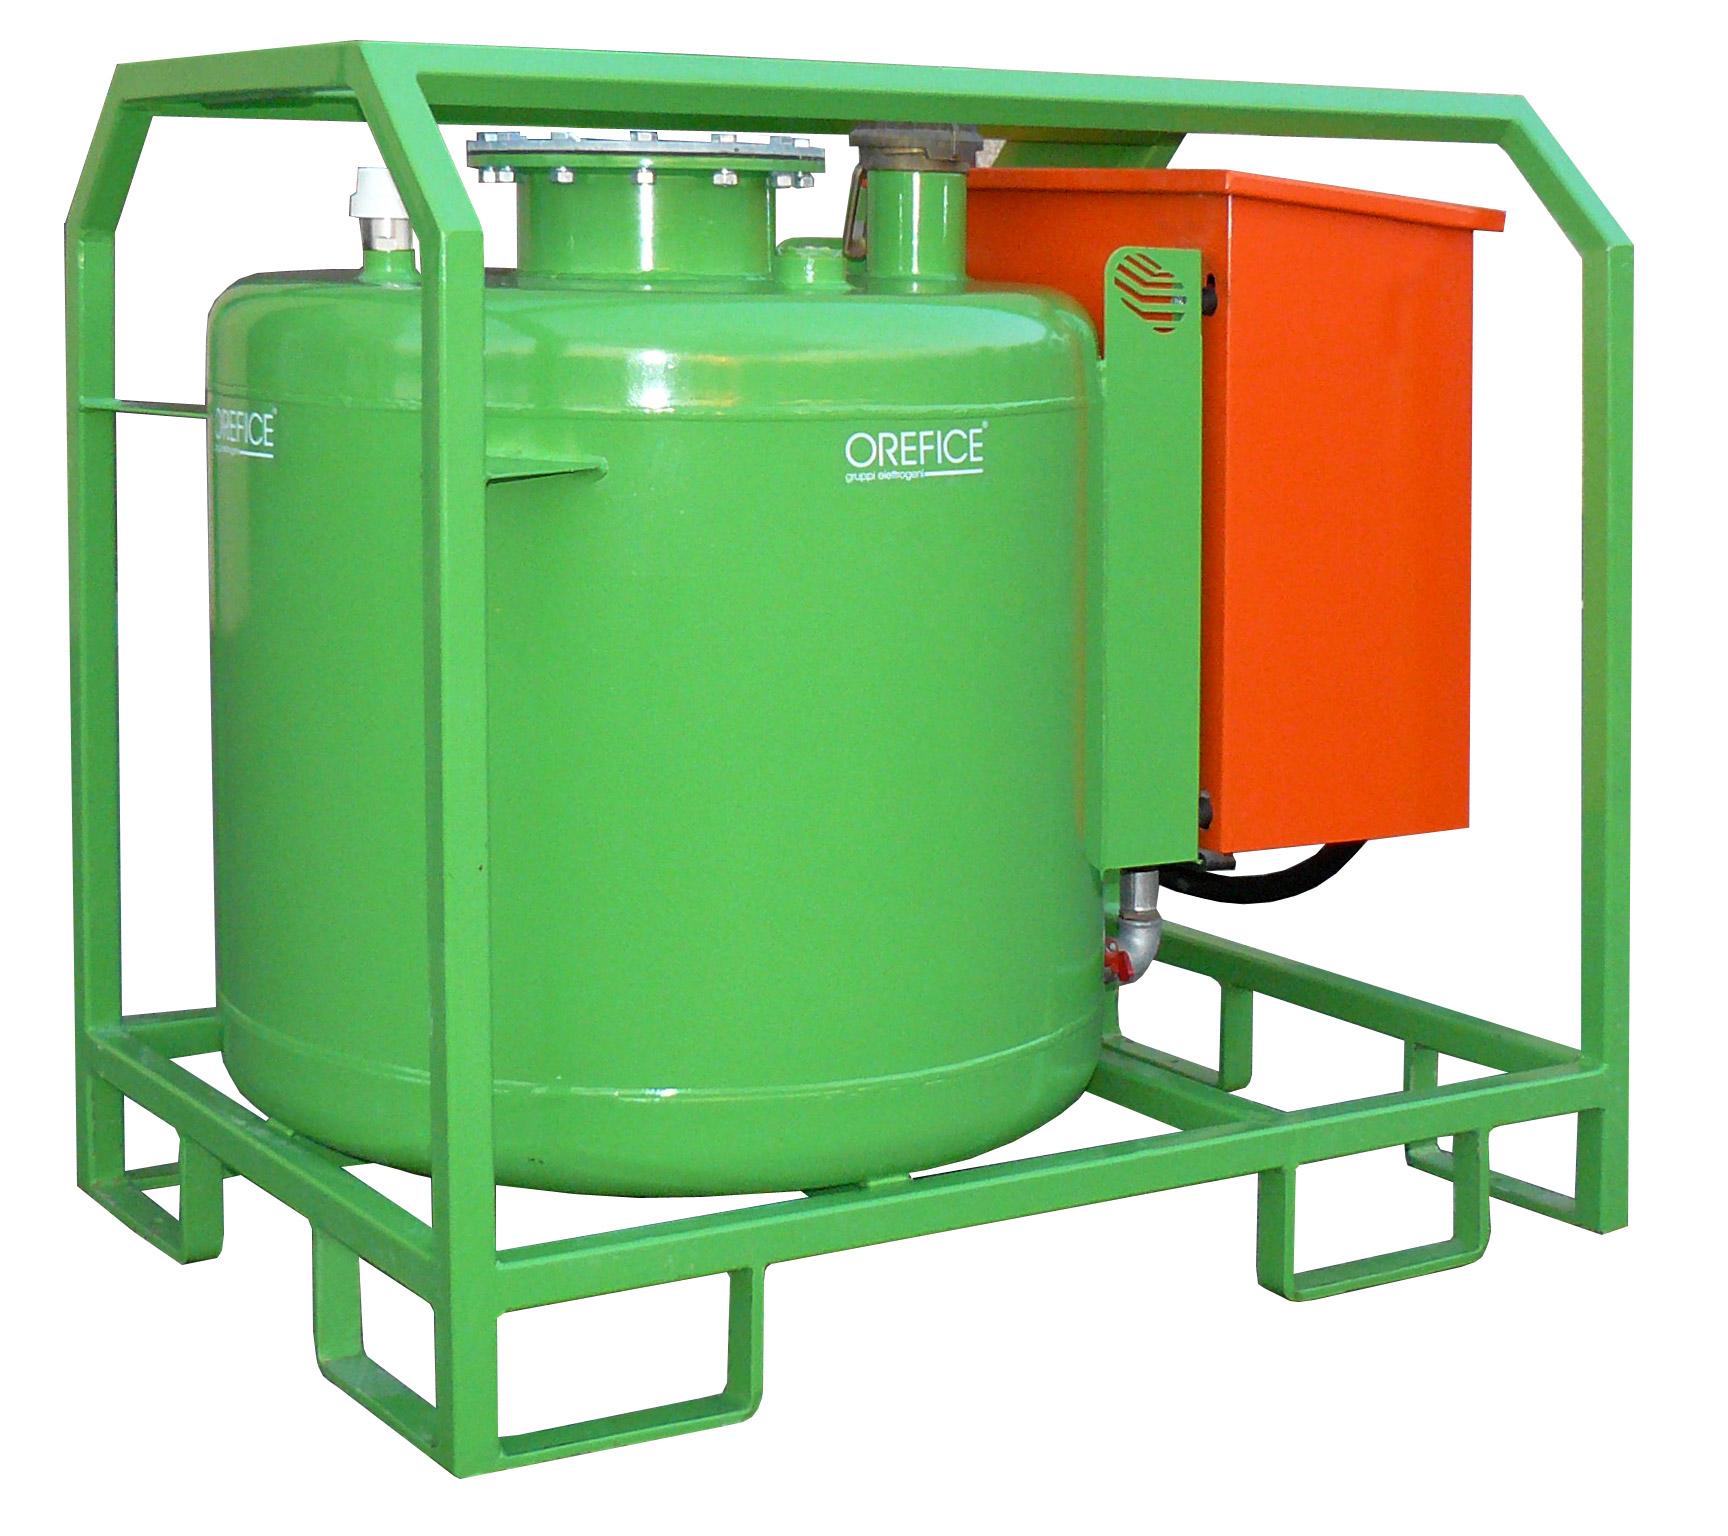 cisterna mobile.jpg